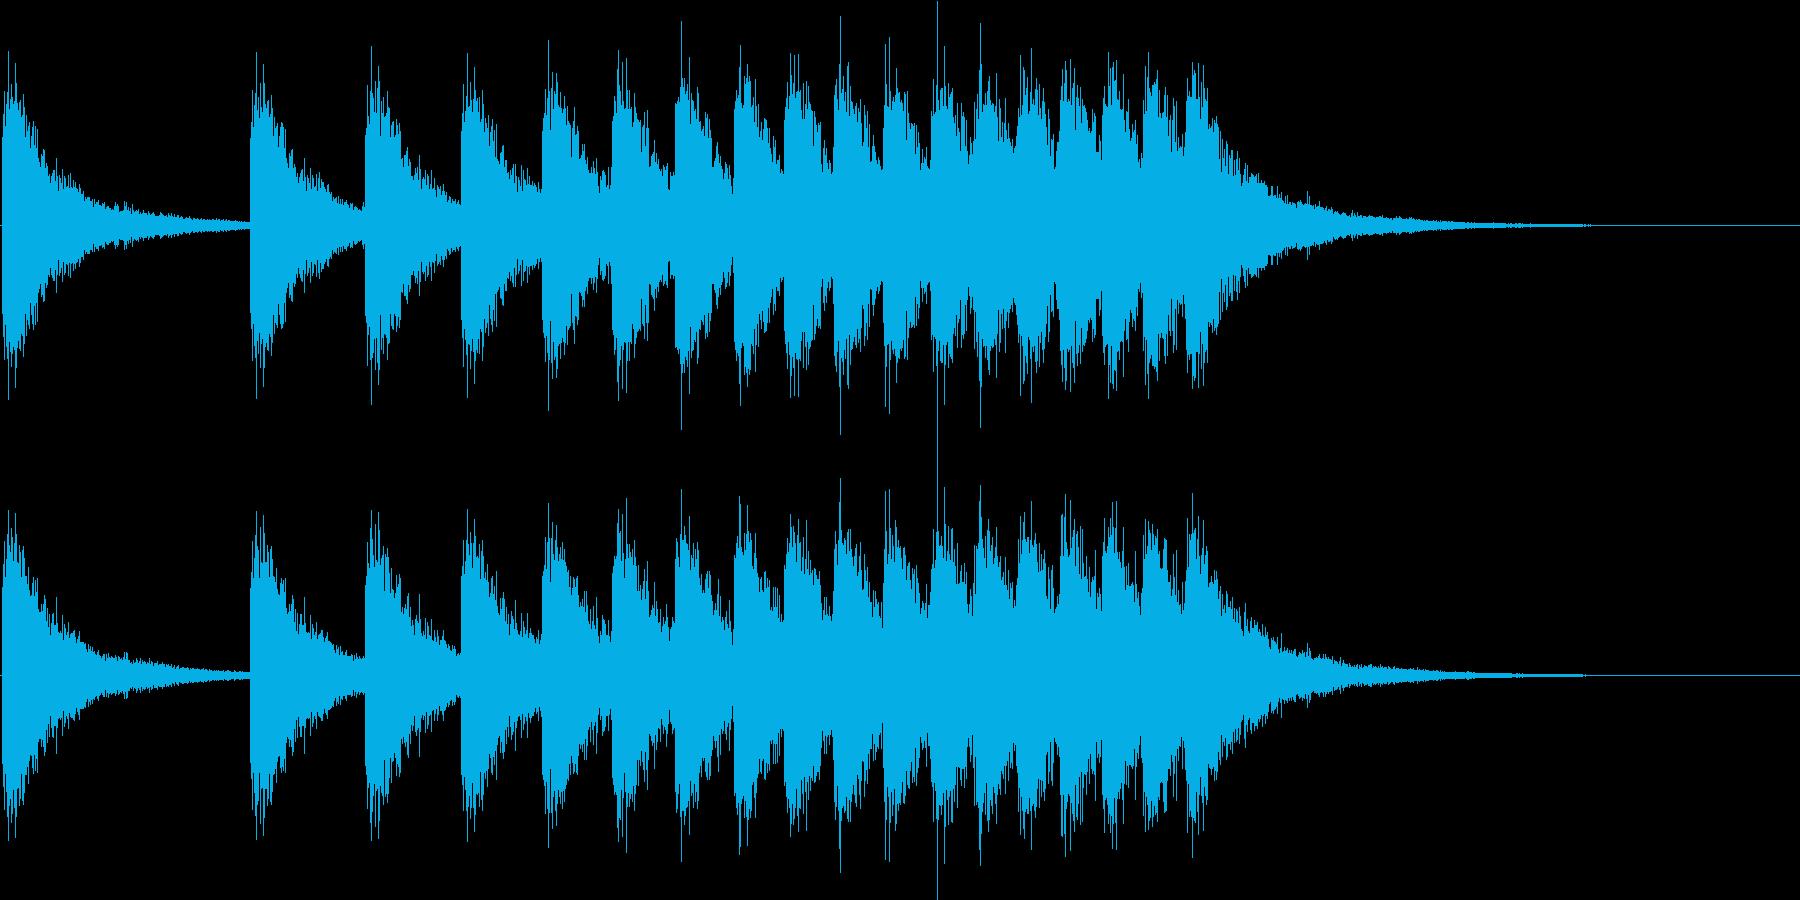 [シャン]中華/シンバル/中国/祭りの再生済みの波形